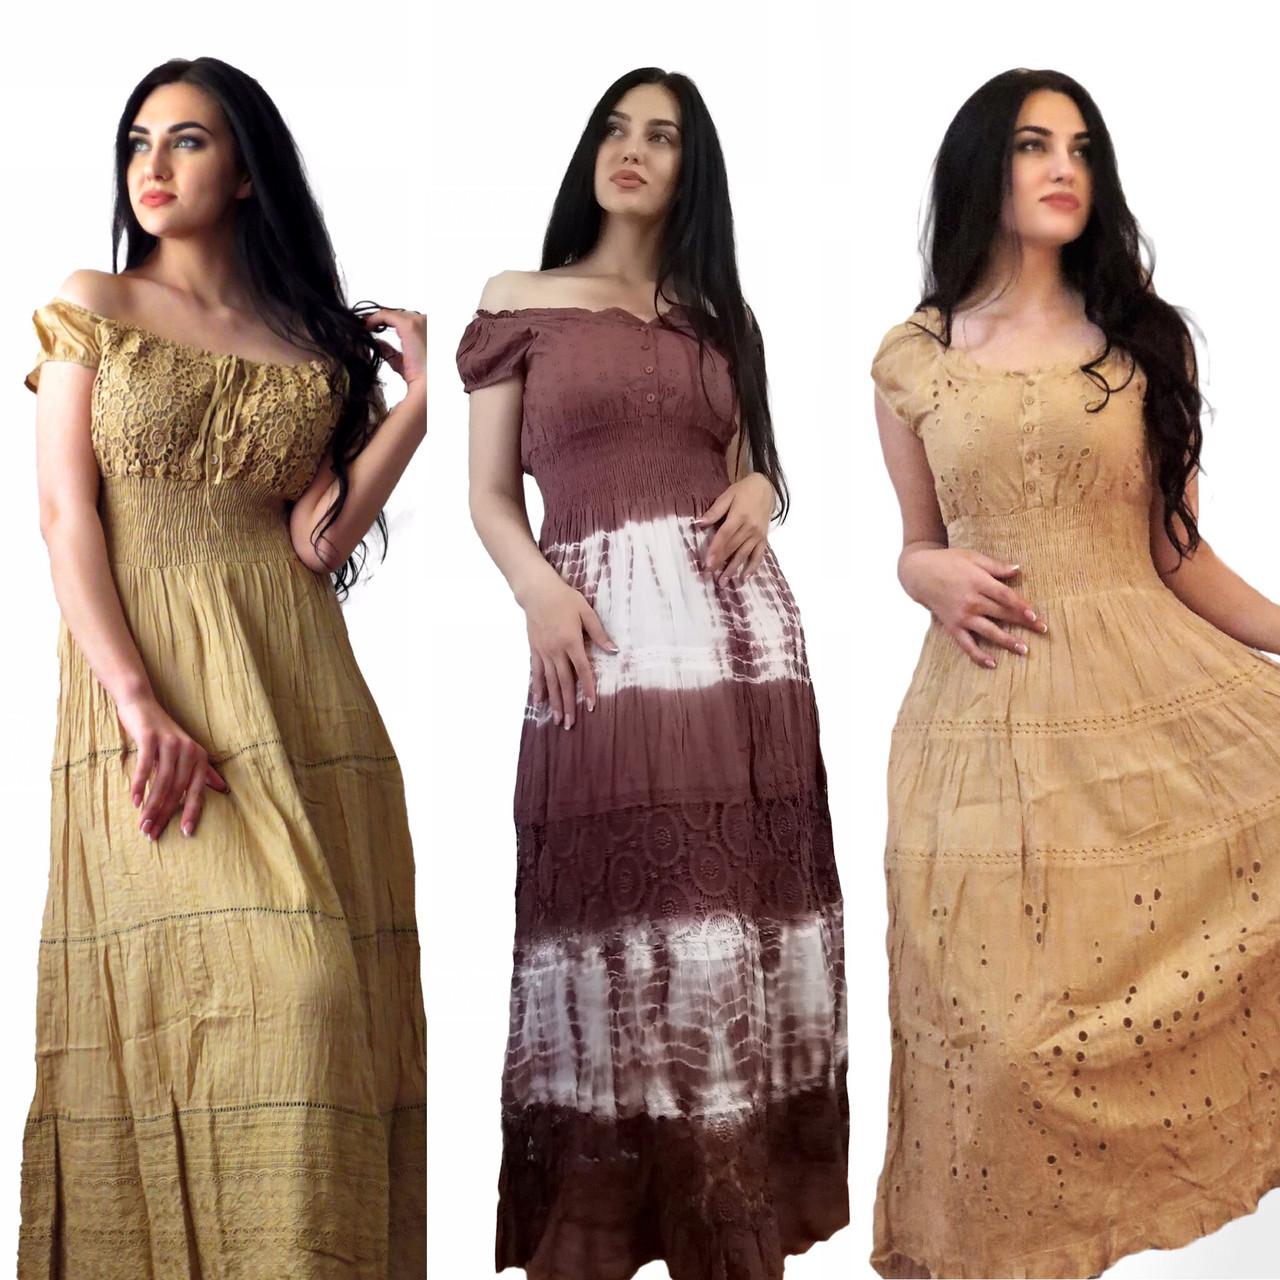 Воздушные Хлопковые Платья и Сарафаны. Производство Индия.  100% хлопок. Размеры: 48-60